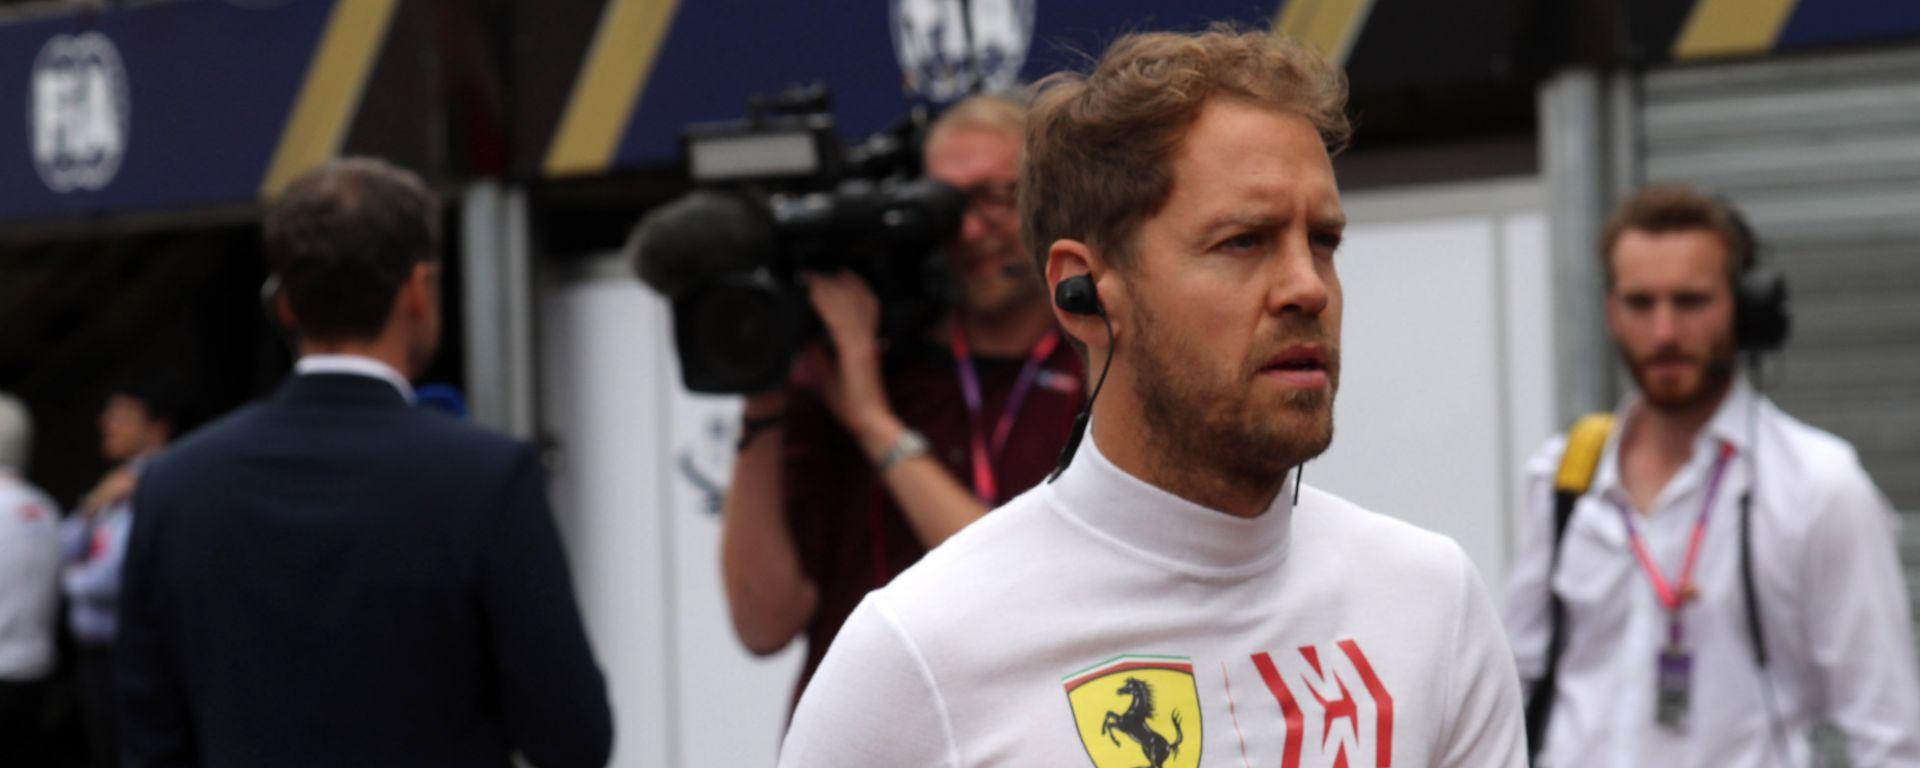 F1, Vettel e le voci sul ritiro a fine stagione. Cosa c'è di vero